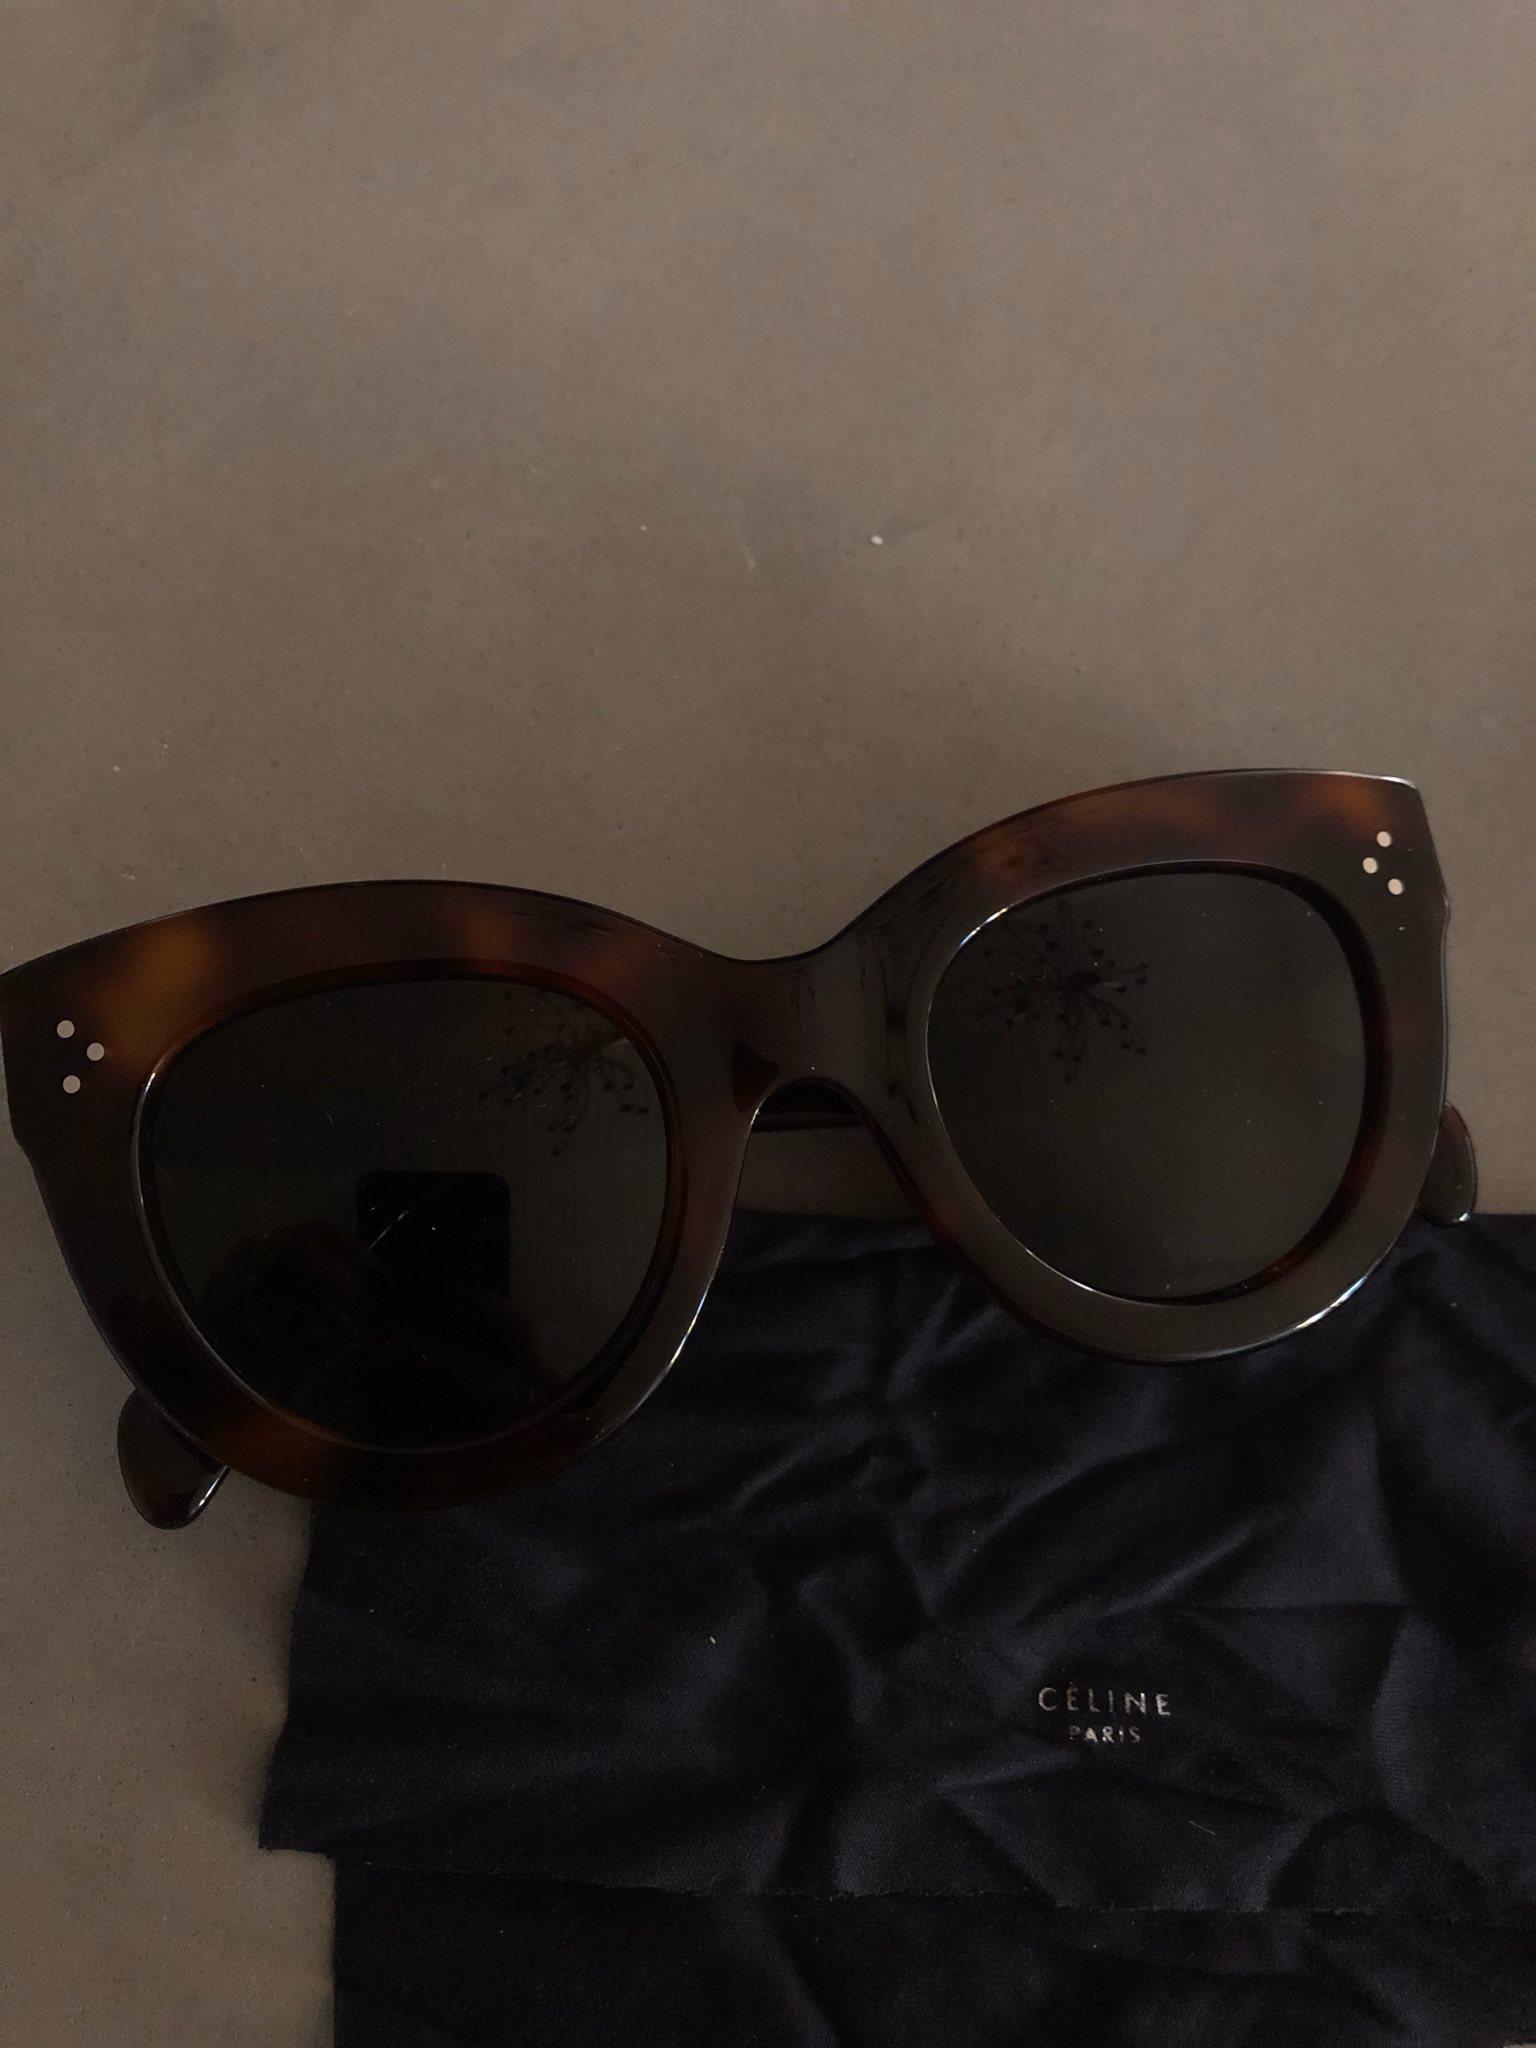 77bf8343e26 Celine solglasögon (337348950) ᐈ Köp på Tradera